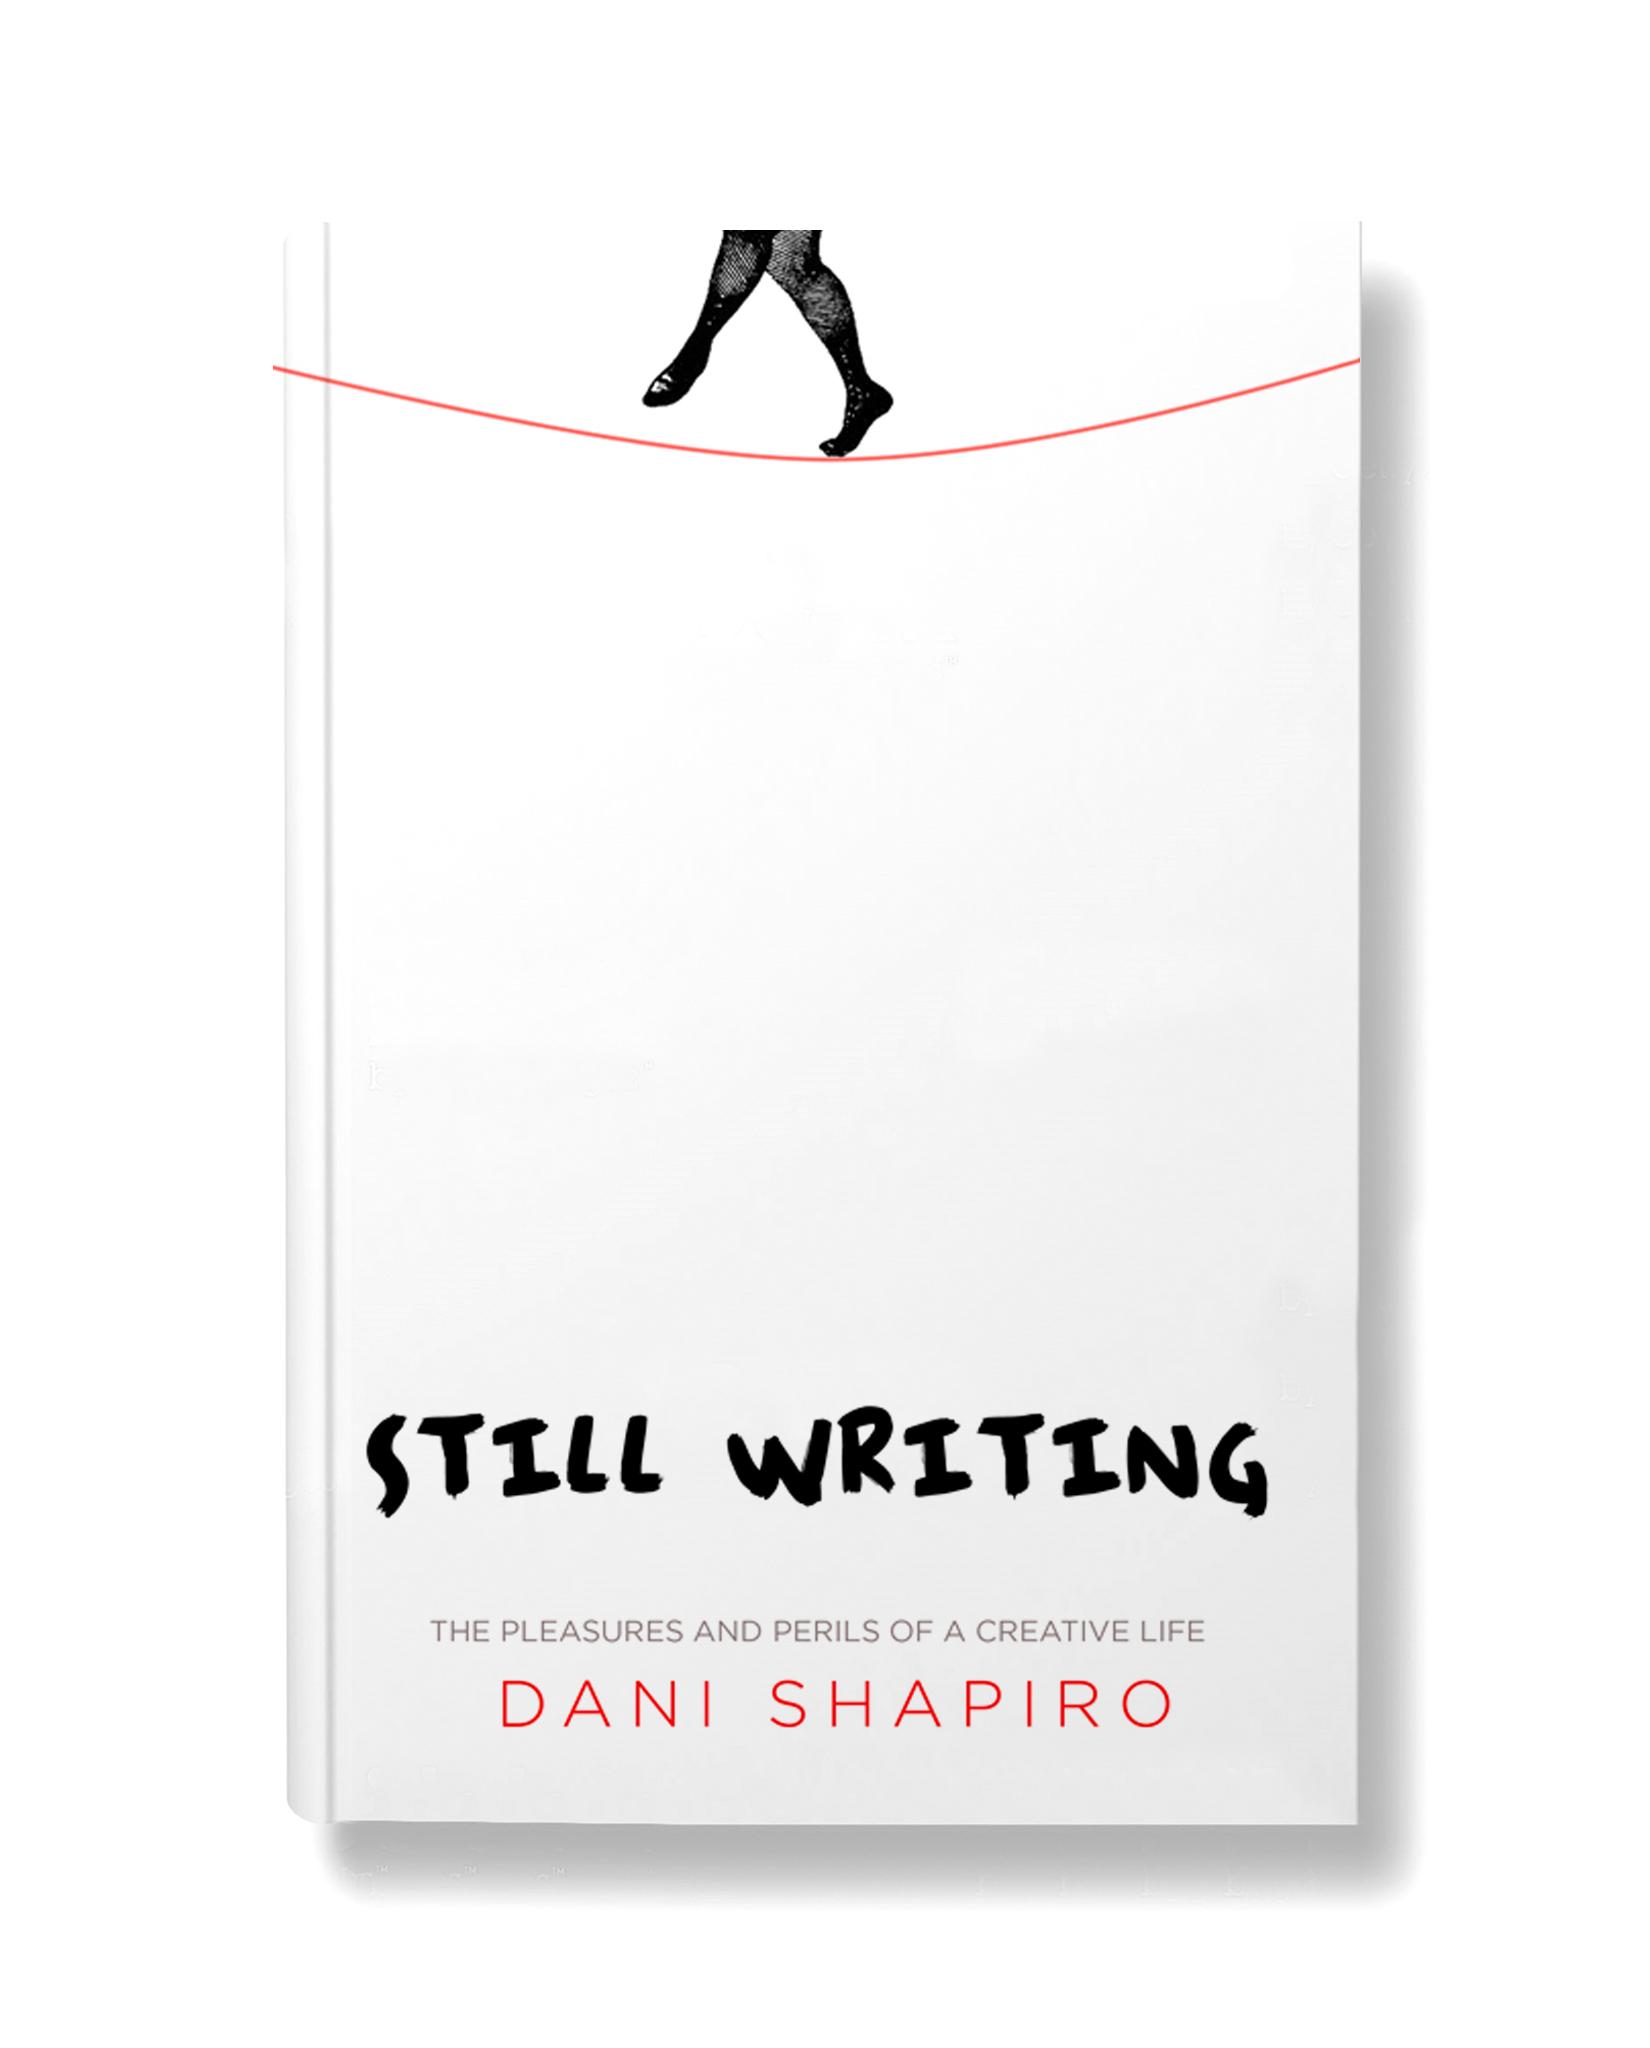 Still writing2.jpg